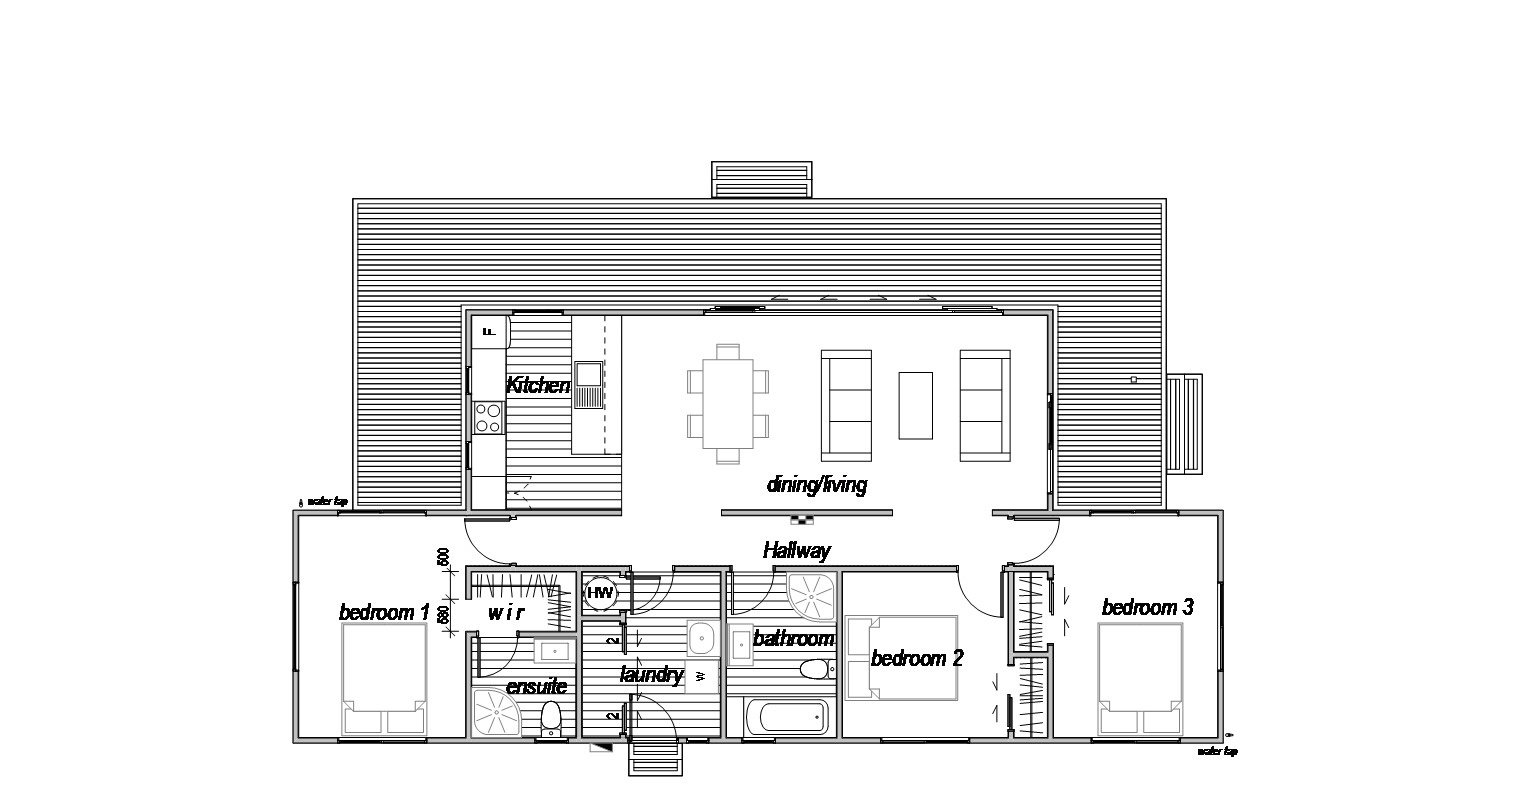 3 bedroom floorplan home design